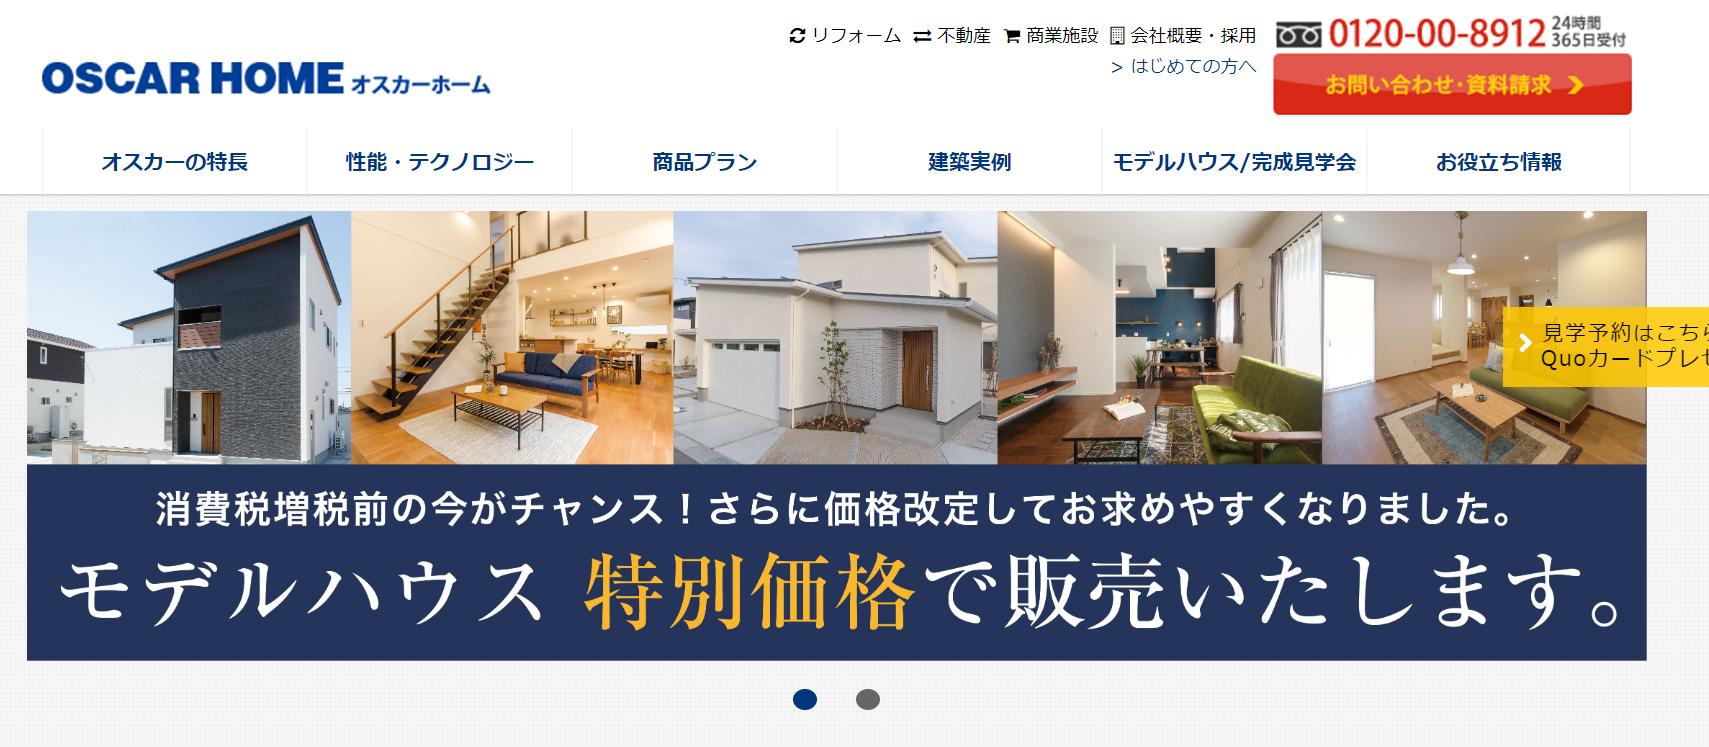 オスカーホームの評判・口コミ【富山/20代女性】